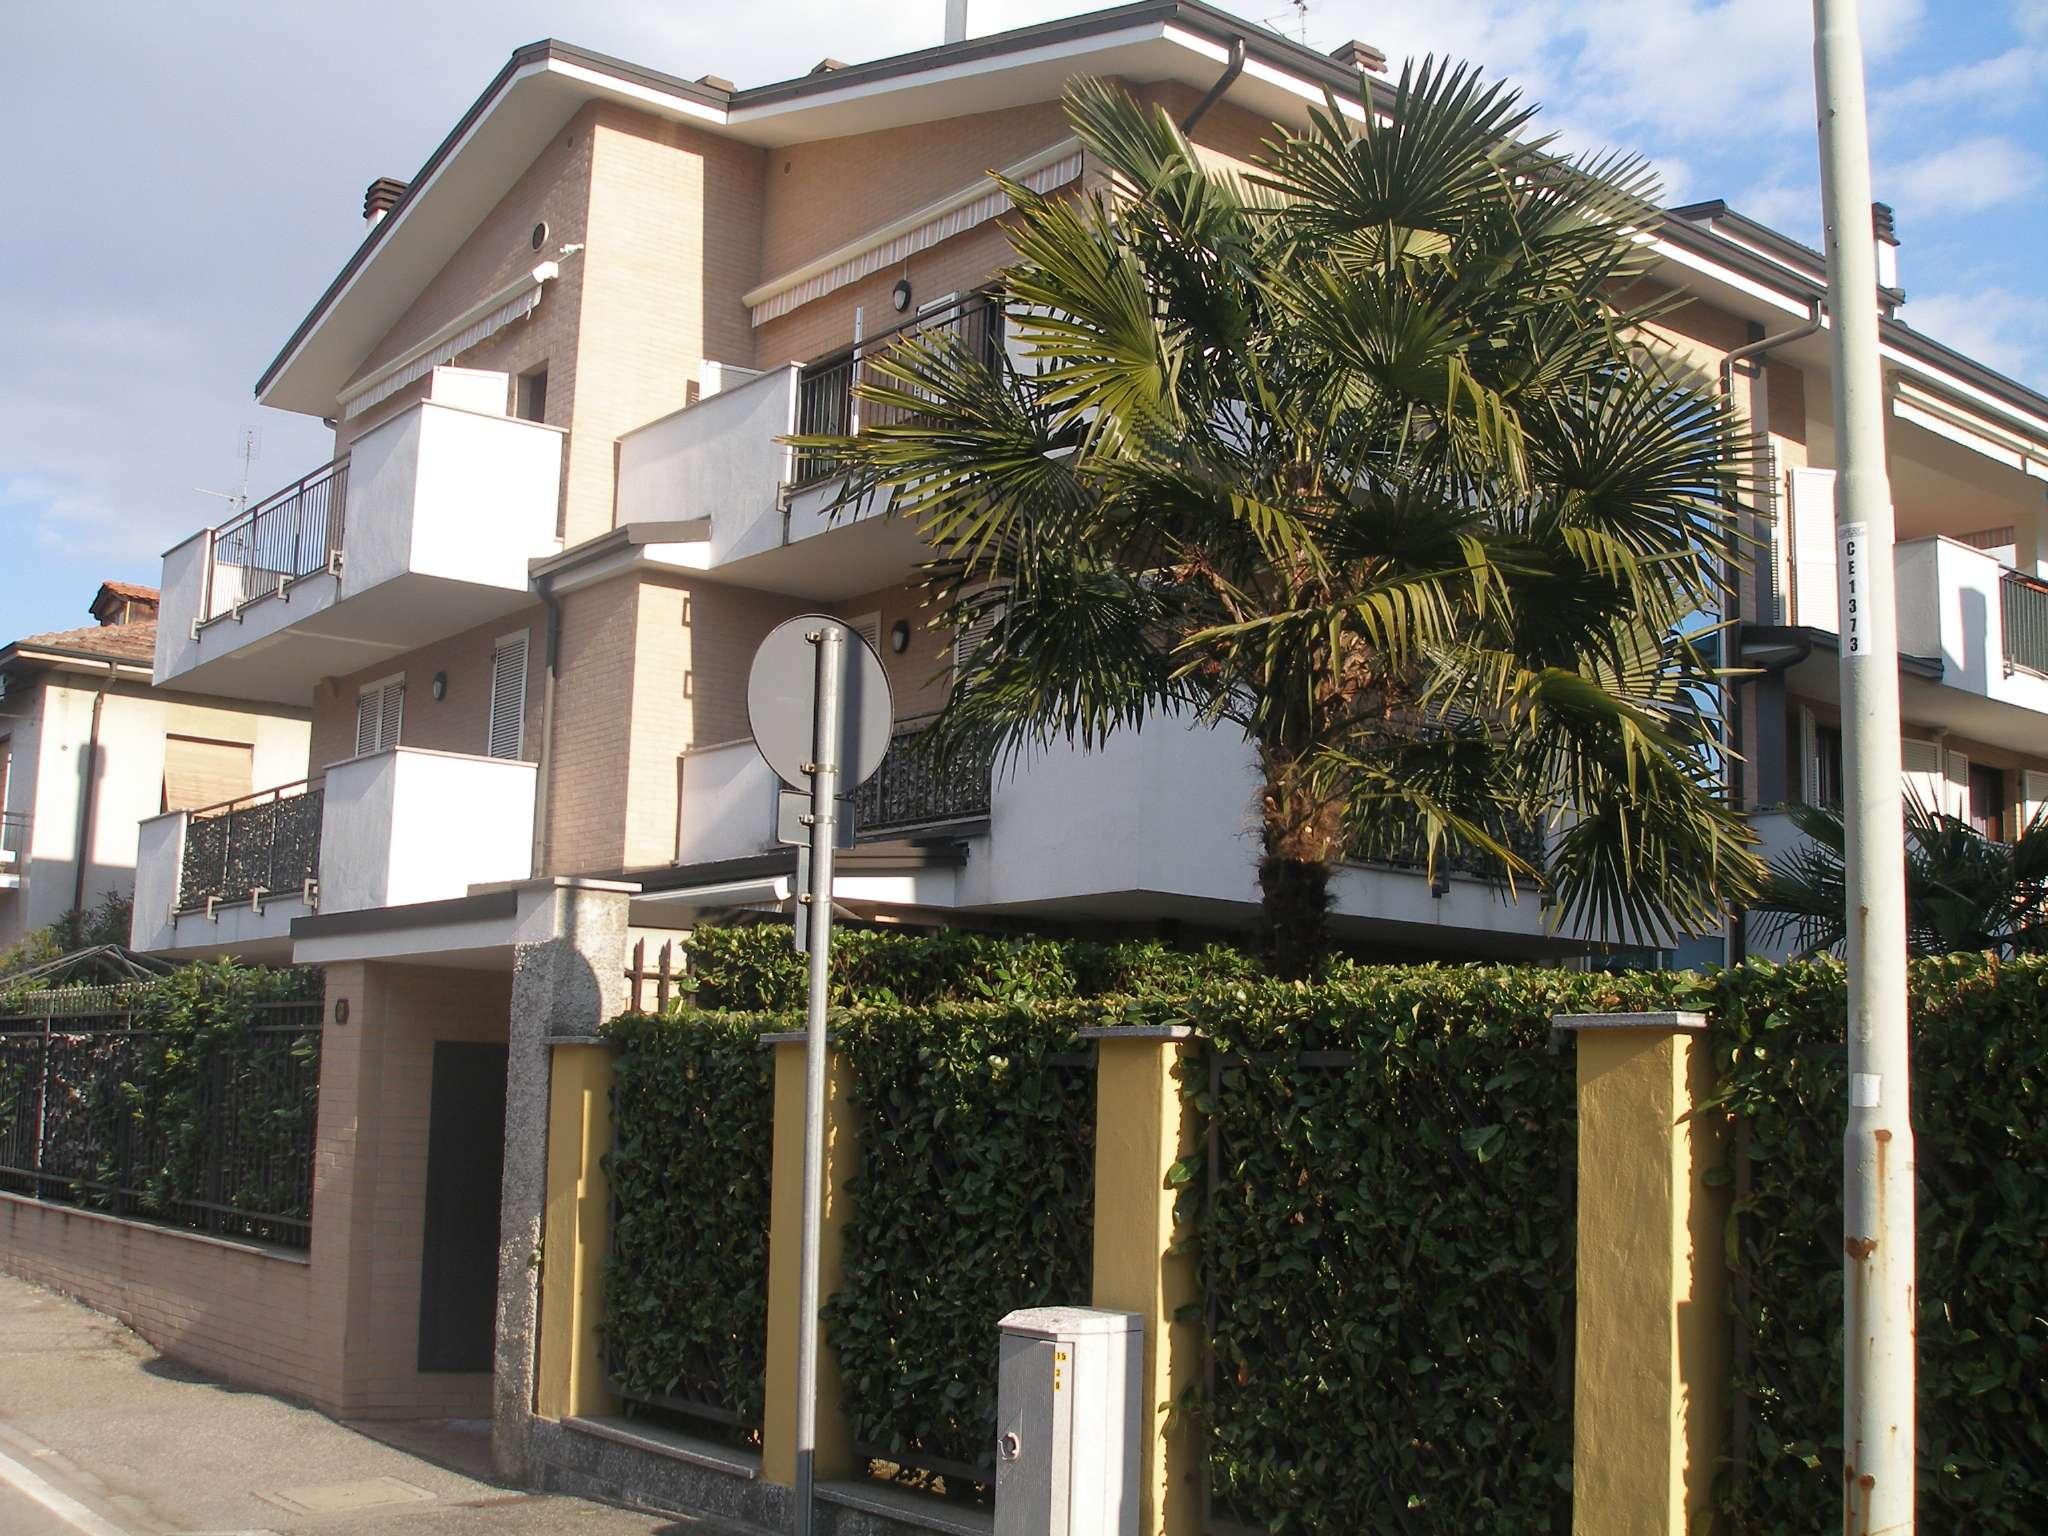 Appartamento in affitto a Cernusco sul Naviglio, 1 locali, prezzo € 600 | CambioCasa.it